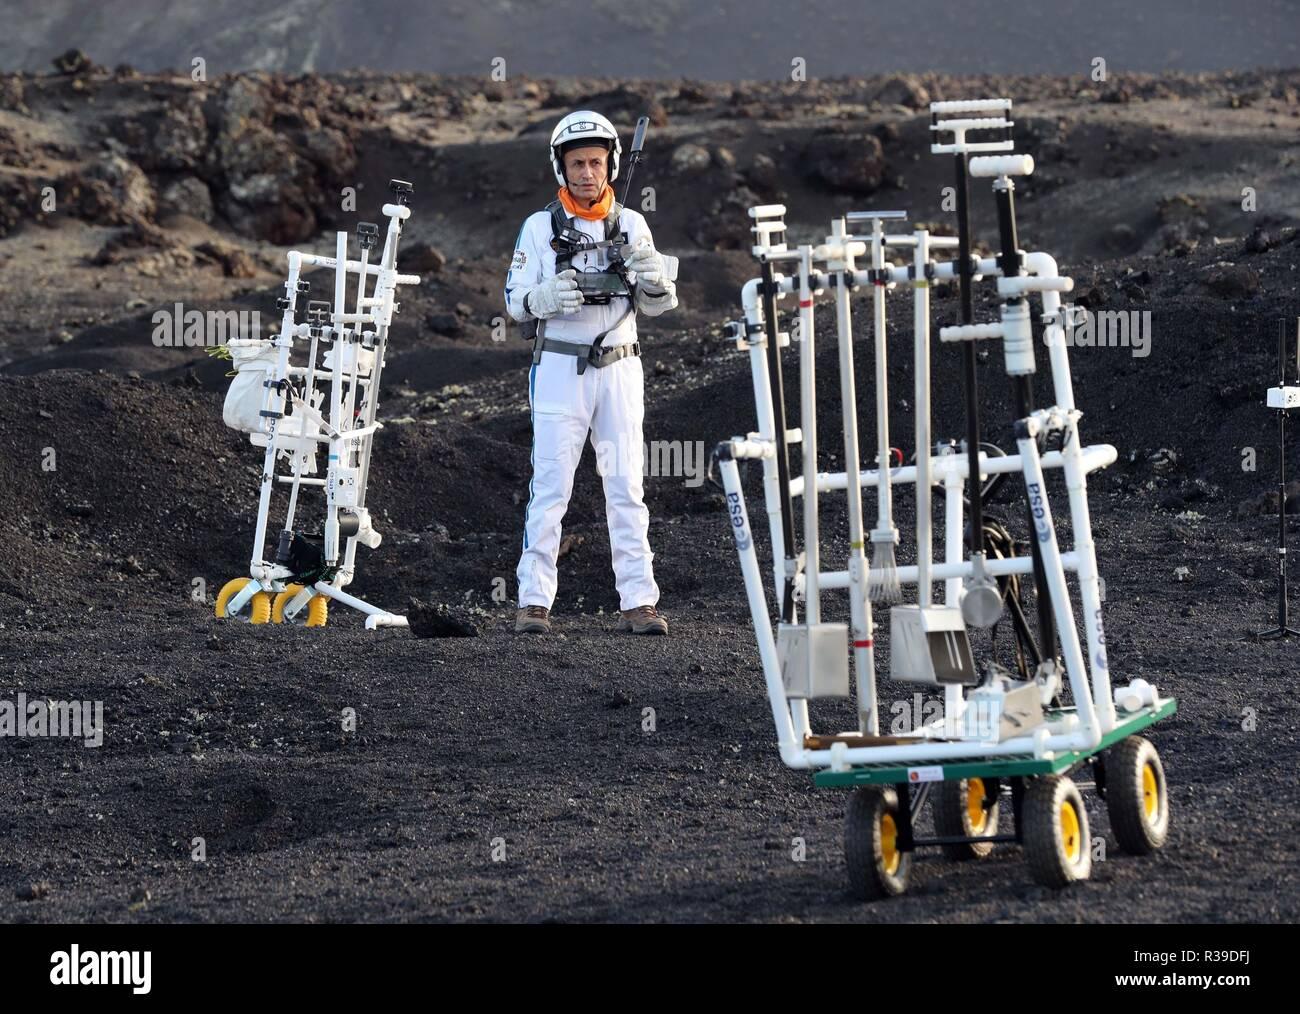 Lanzarote, Islas Canarias, España. El 22 de noviembre, 2018. El astronauta francés Herve Stevenin toma parte en el espacio pruebas en Lanzarote, Islas Canarias, España, 22 de noviembre de 2018. La Agencia Espacial Europea (ESA) realiza pruebas con robots y otros equipos en el espacio Tinguaton volcán en isla de Lanzarote para ver cómo la parafernalia que los astronautas estarán utilizando en diez años podría comportarse durante una misión lunar. Crédito: Agencia de Noticias EFE/Alamy Live News Imagen De Stock